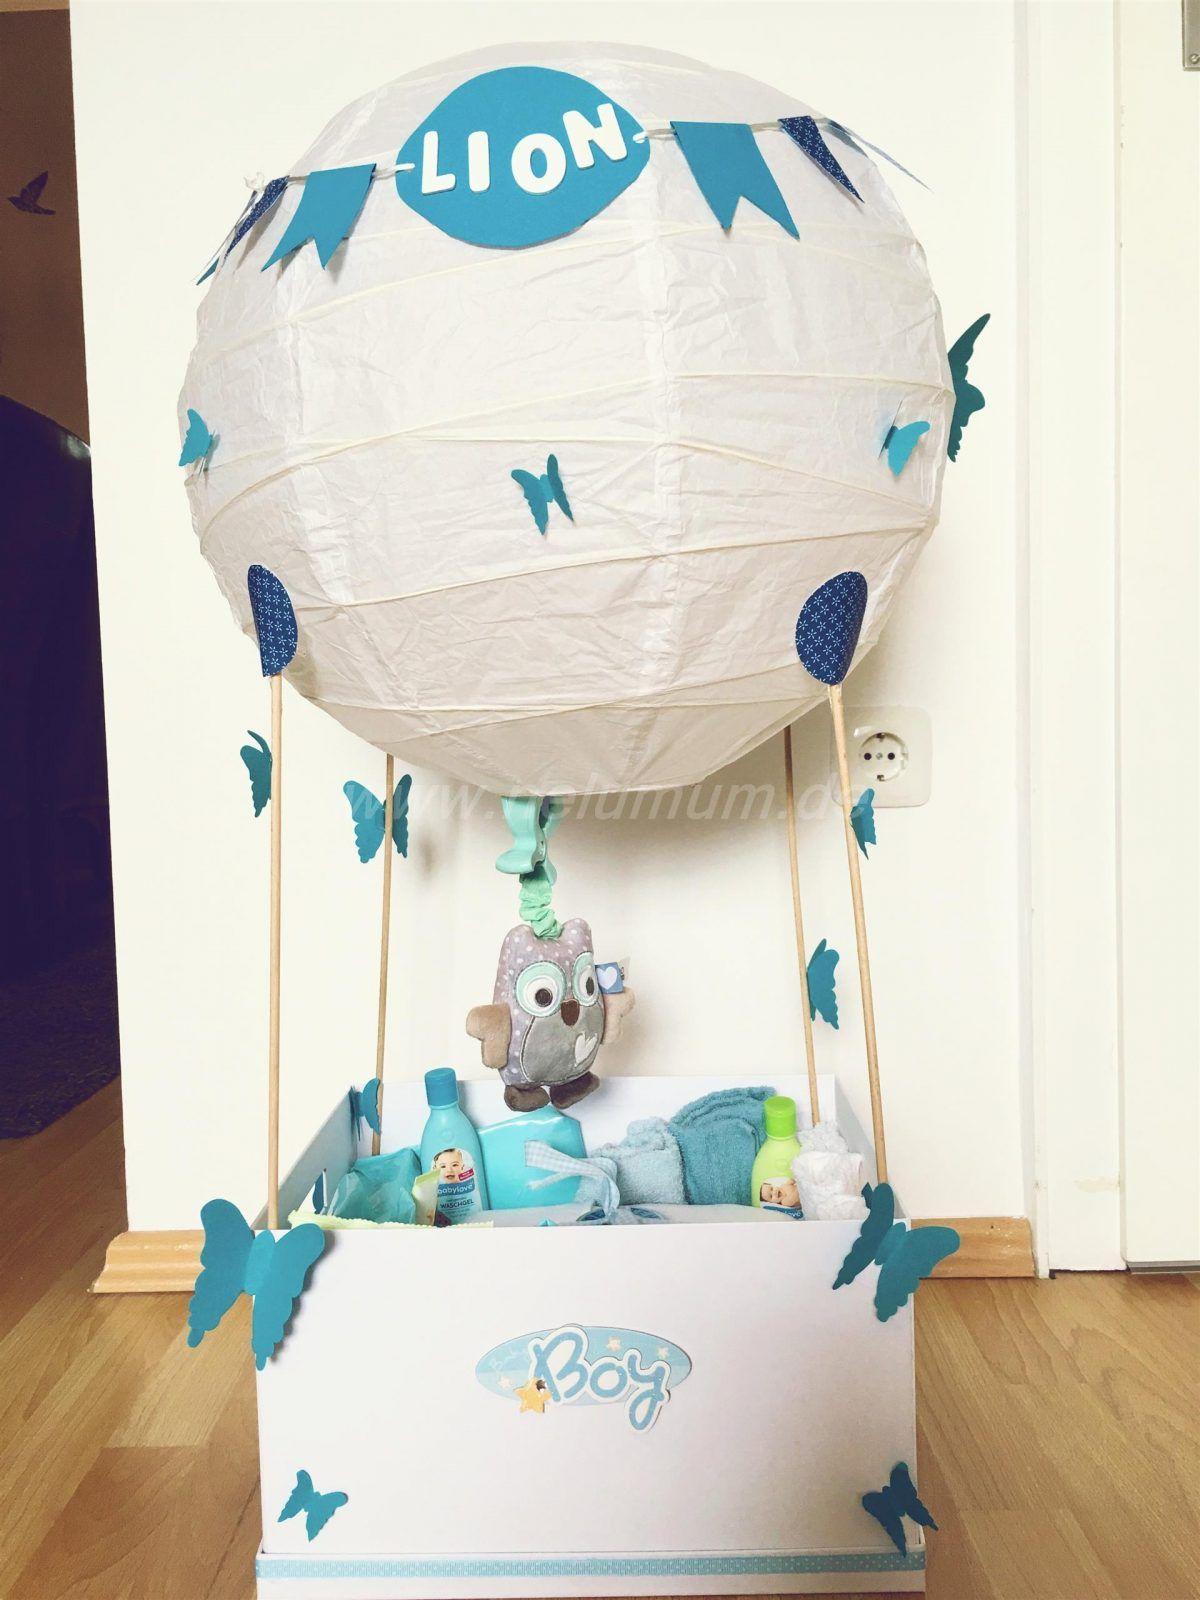 hei luftballon zur geburt besondere geschenkideen wundersch ne geschenke und geschenke zur geburt